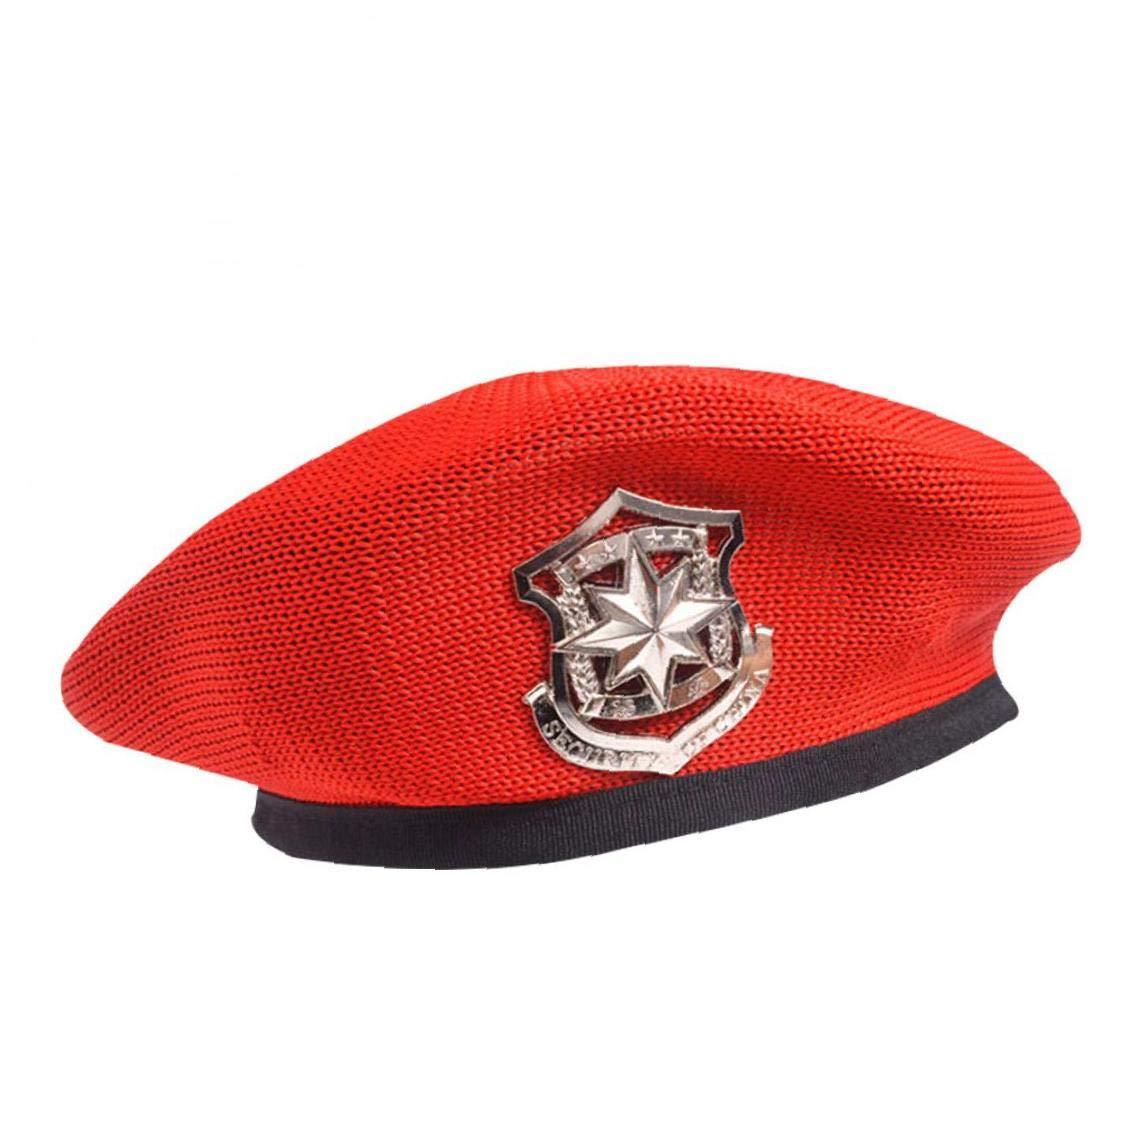 Beauty Hat Army Beret Dance Performance Berets Hats Star Emblem Sailors Hat for Adult Child Caps